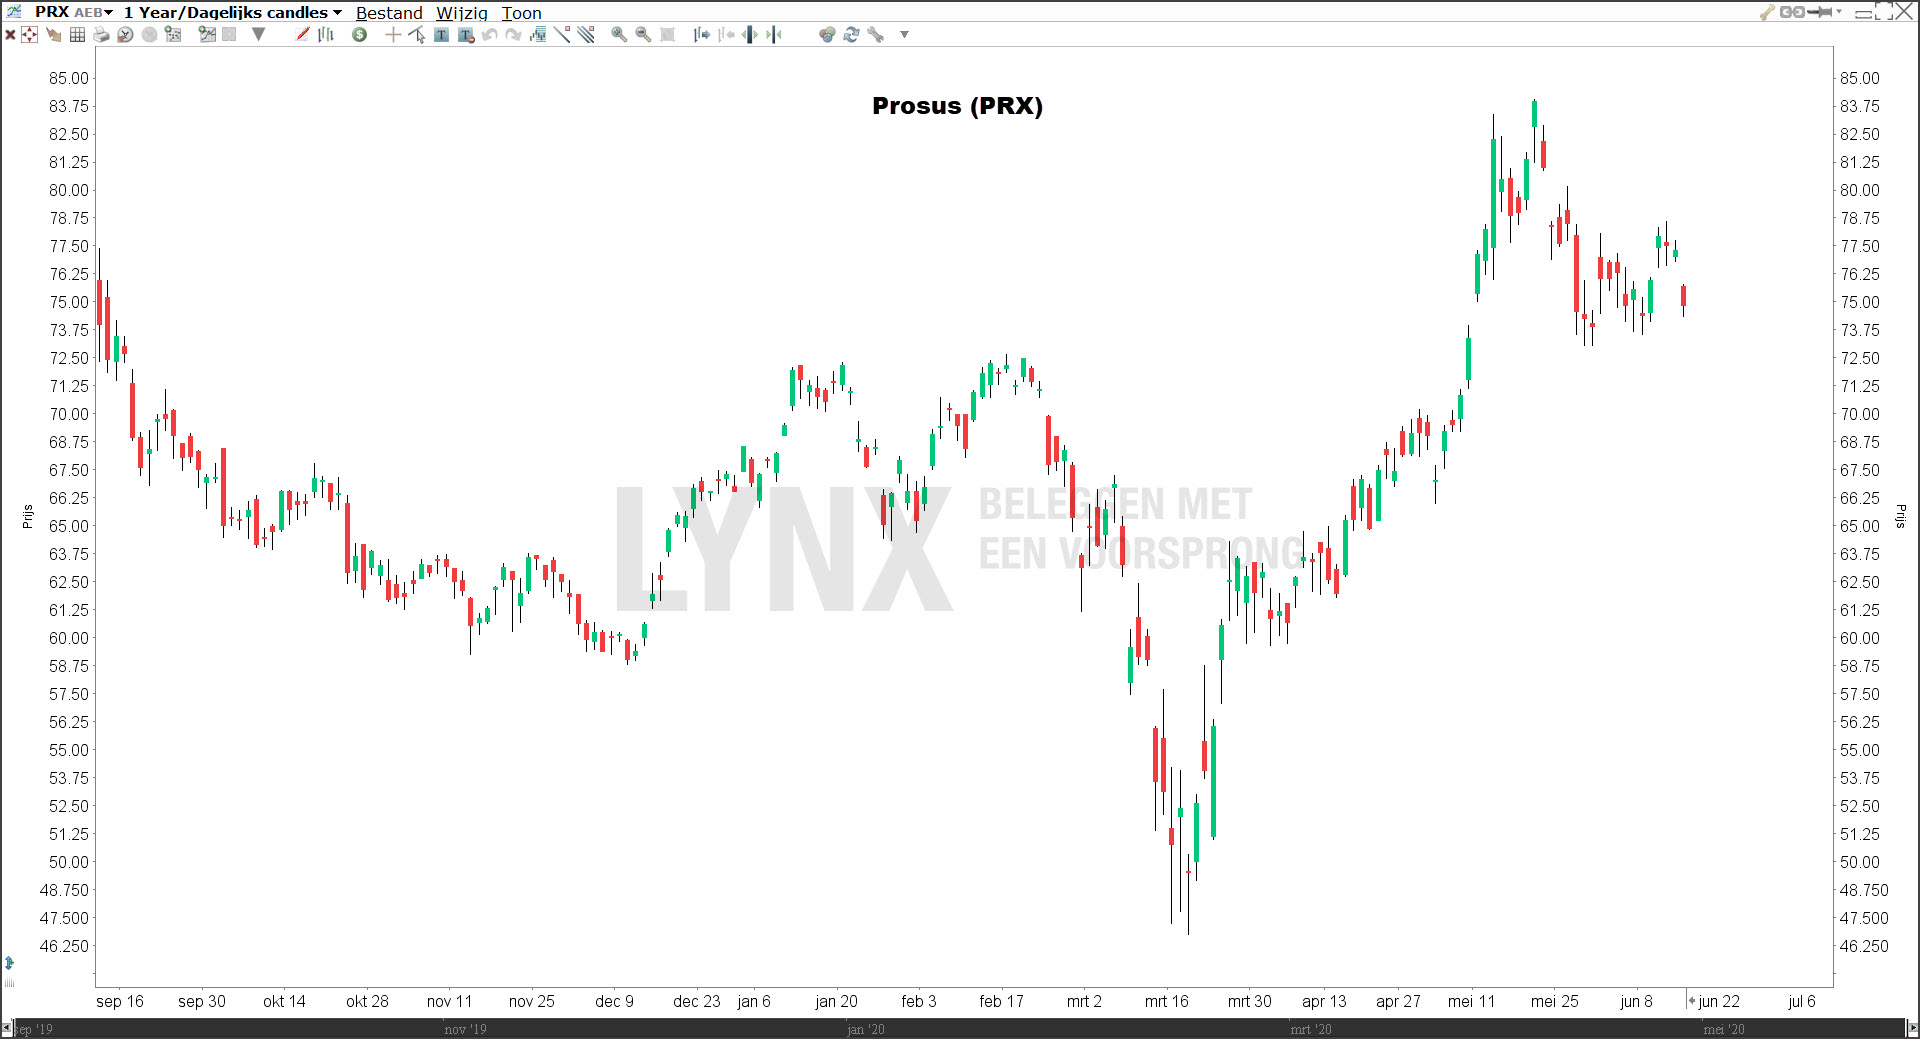 Aandeel Prosus - beste aandelen 2020 door Wubbe Bos